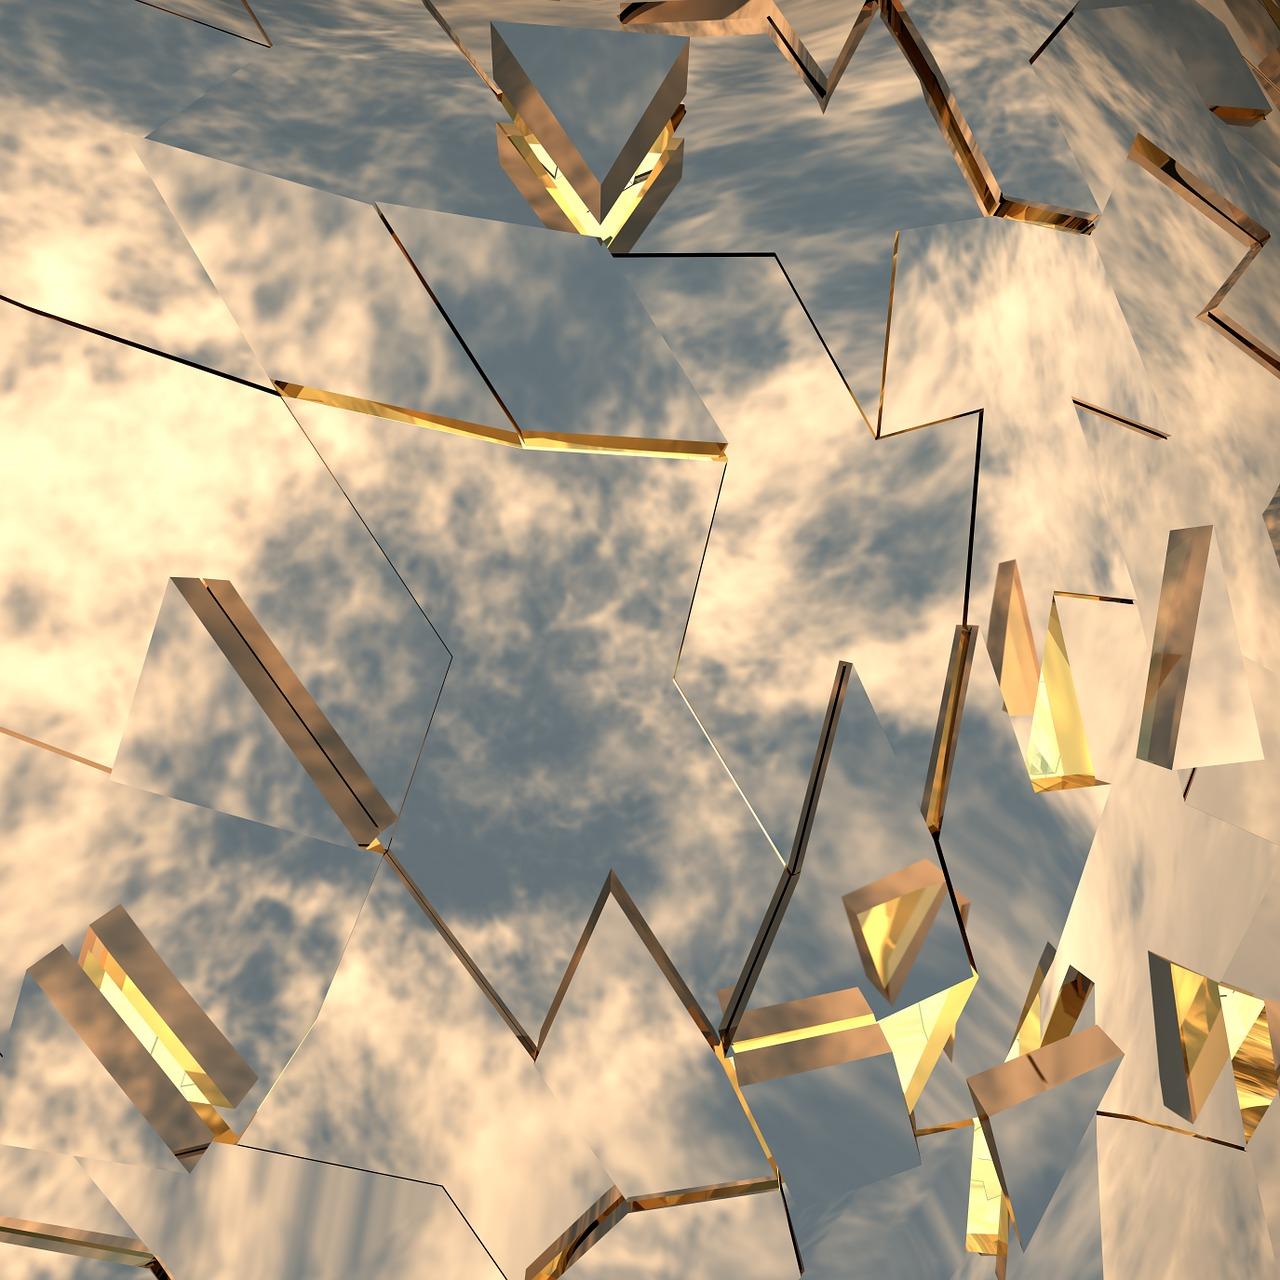 Разбитое зеркало картинка для детей